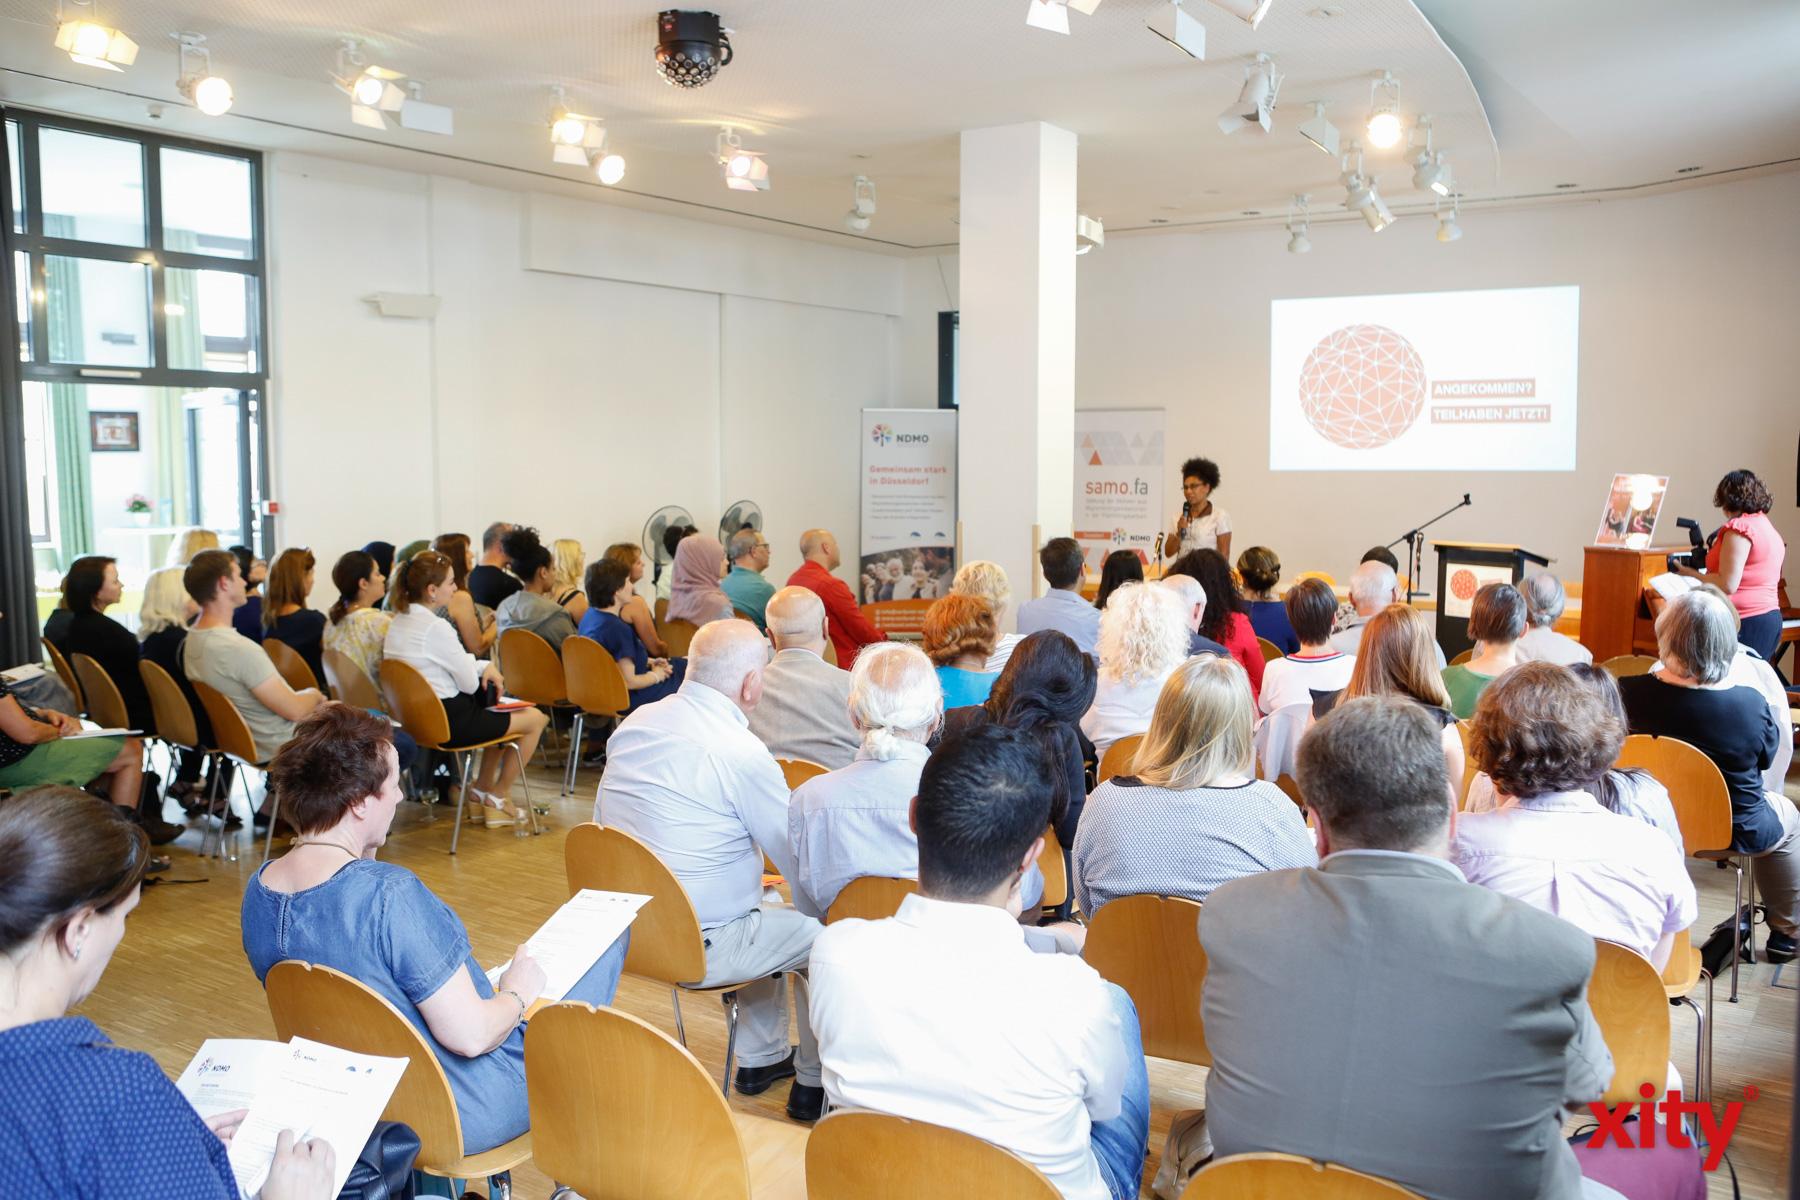 Viele waren der Einladung zur Konferenz gefolgt (Foto: xity)